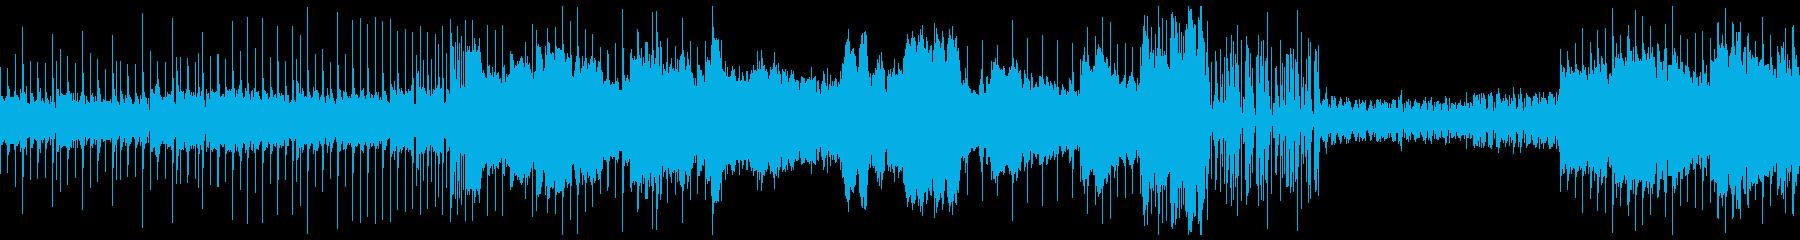 ループ可、スタイリッシュなEDMの再生済みの波形